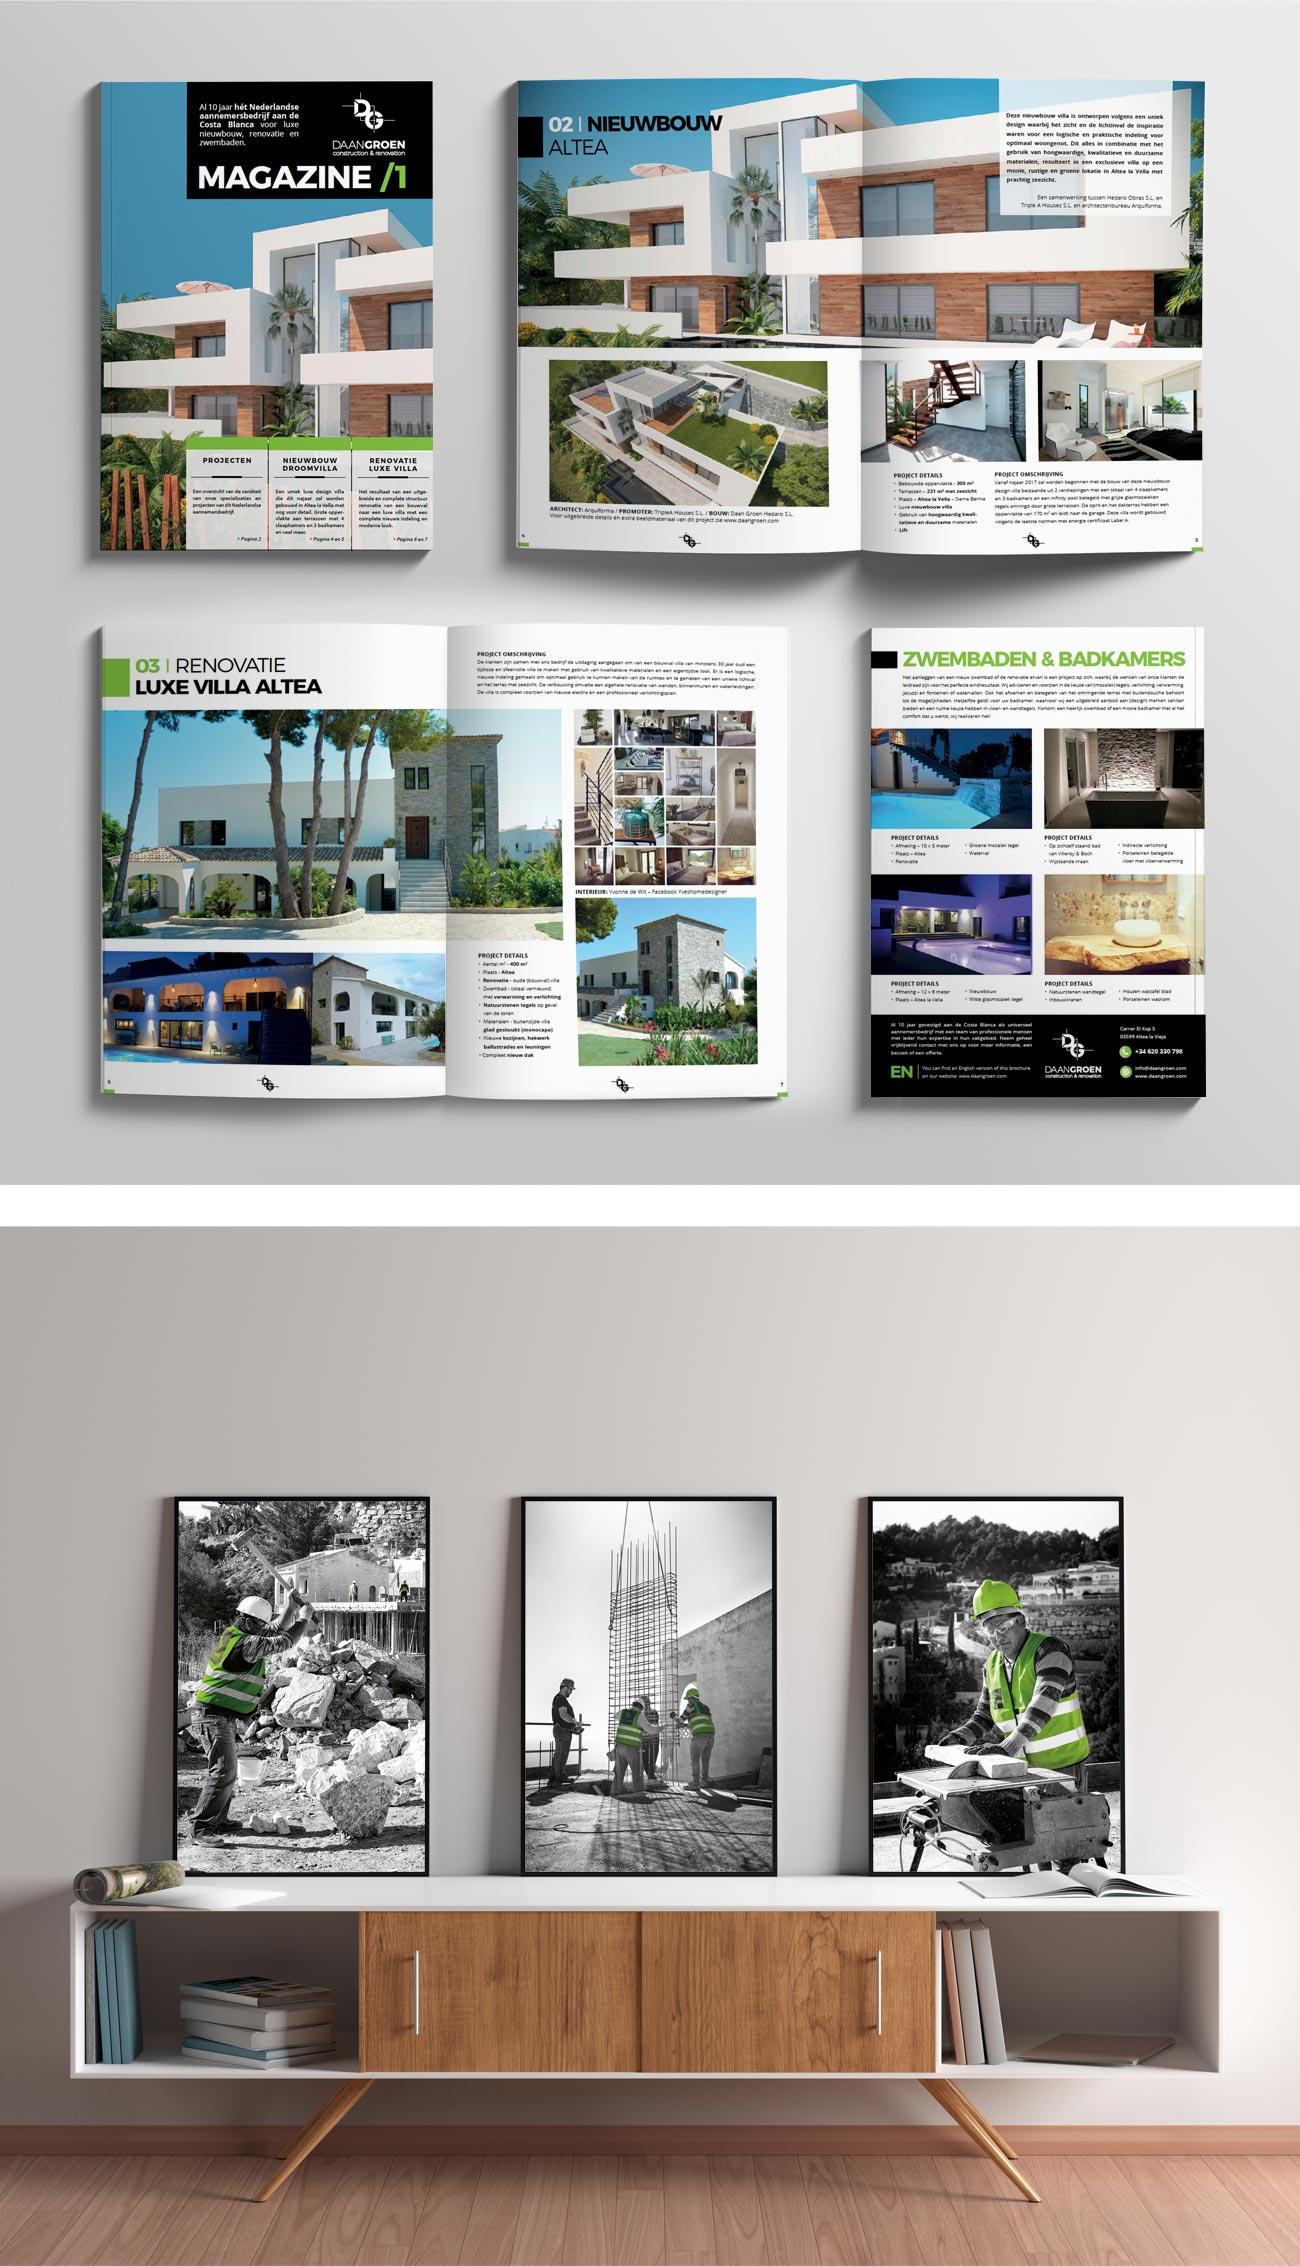 Fotografie en print media ontwerp Daan Groen door Bottle Post Media Costa Blanca